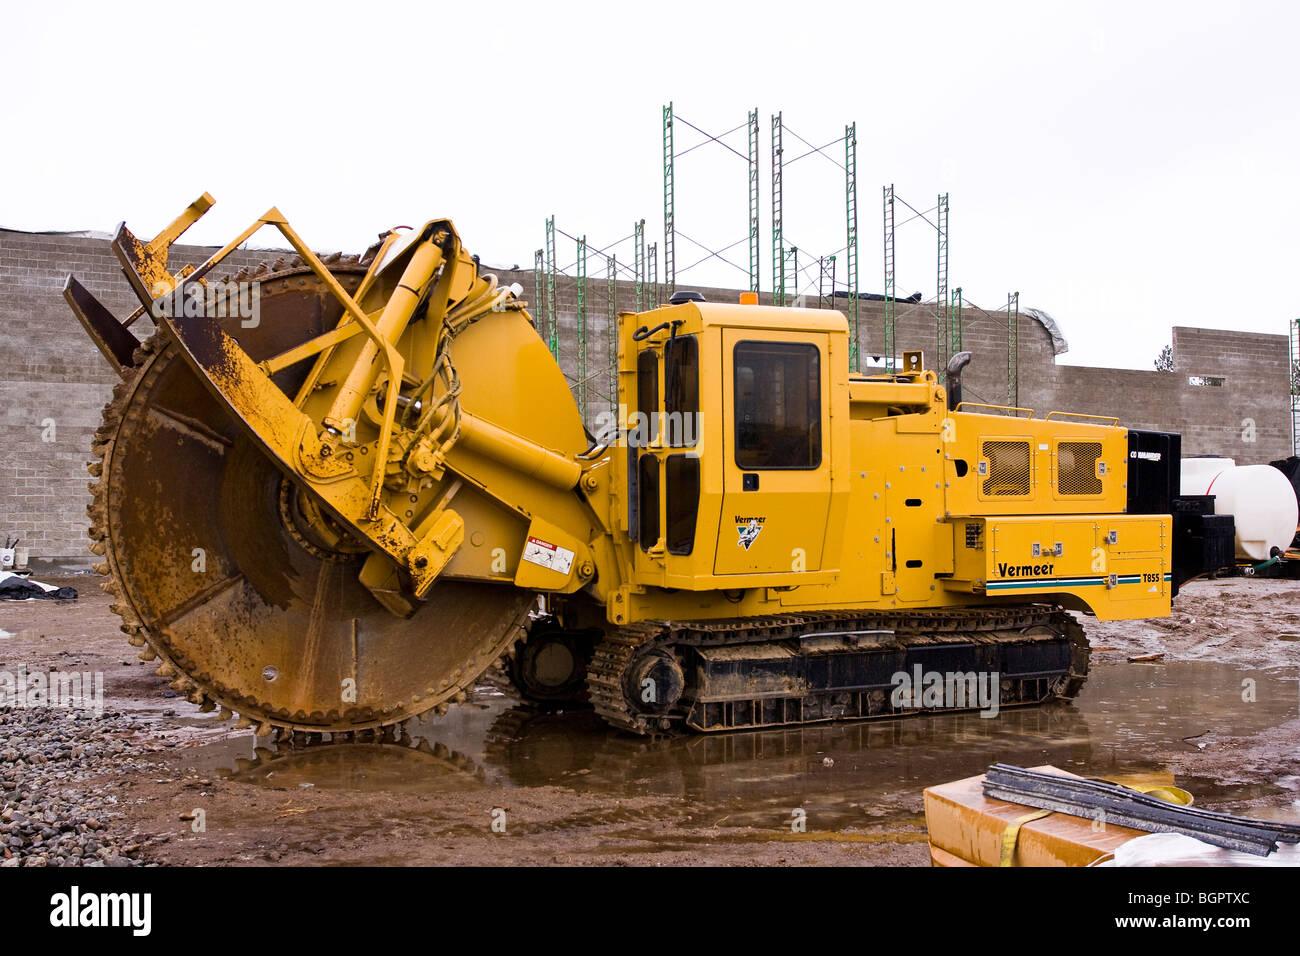 Trenching Machines Working : VĂn nghỆ cỗ máy đào kênh mương siêu tốc